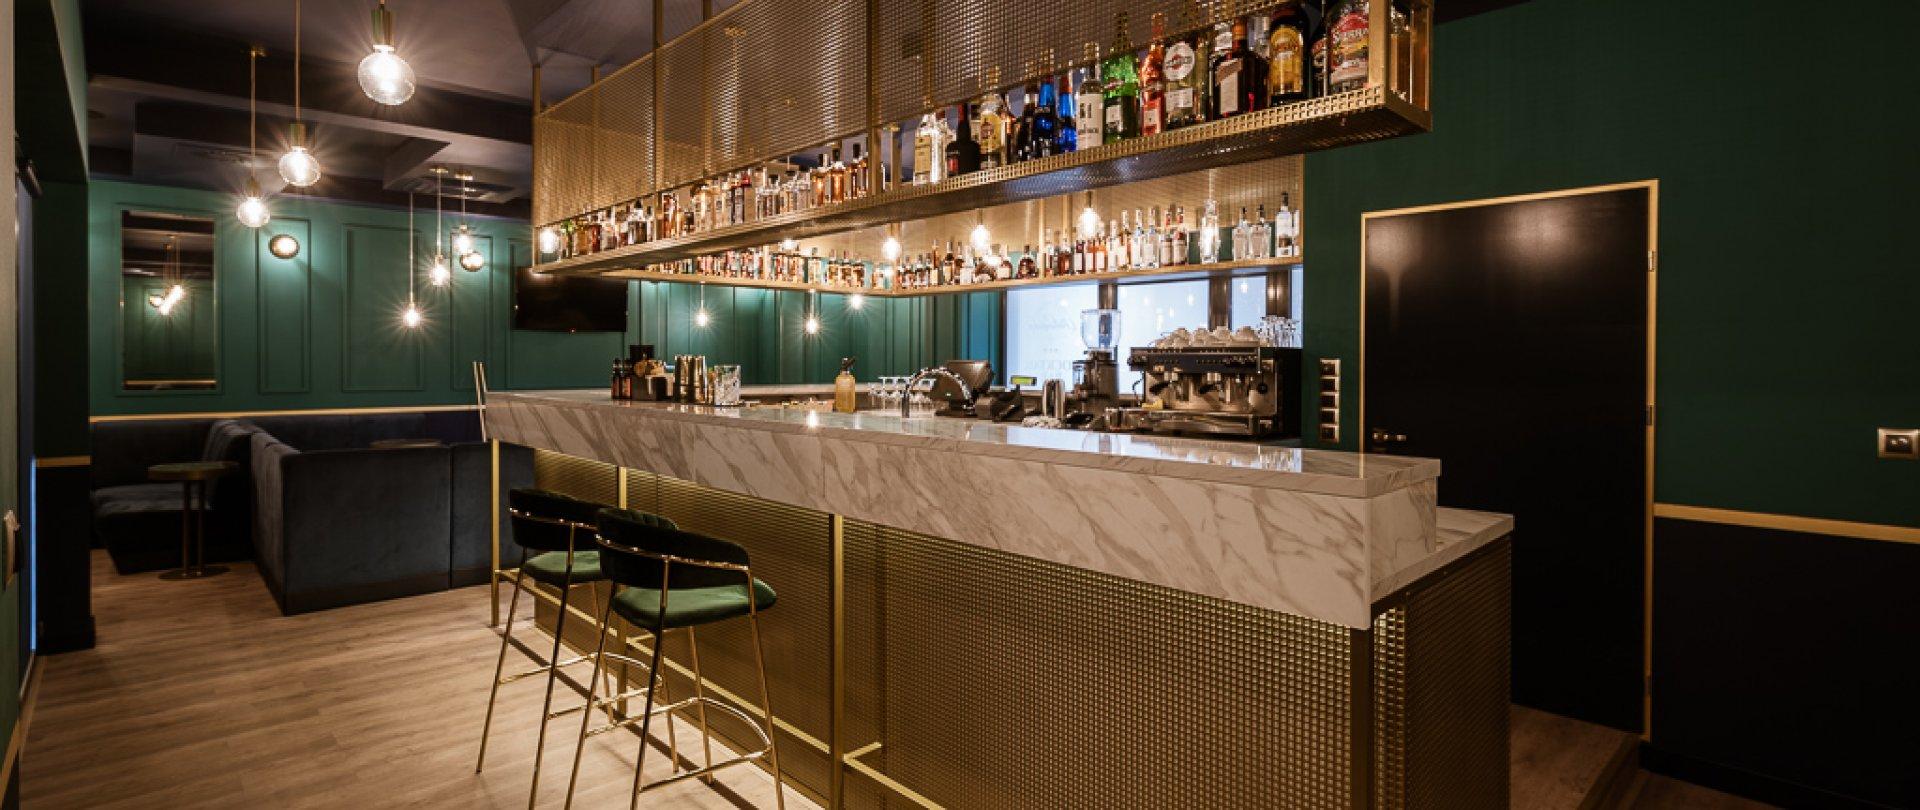 Antonińska Cocktail Bar - klimatyczne miejsce na idealny wieczór